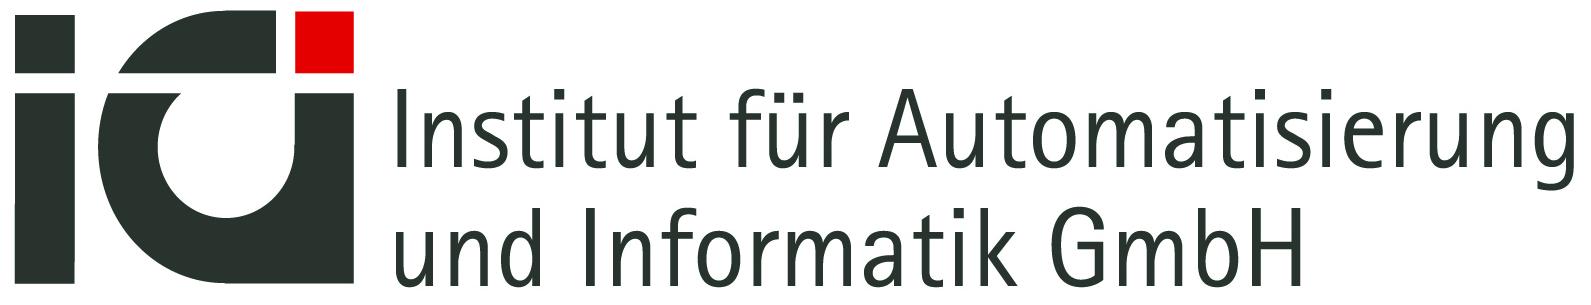 Institut für Automatisierung und Informatik